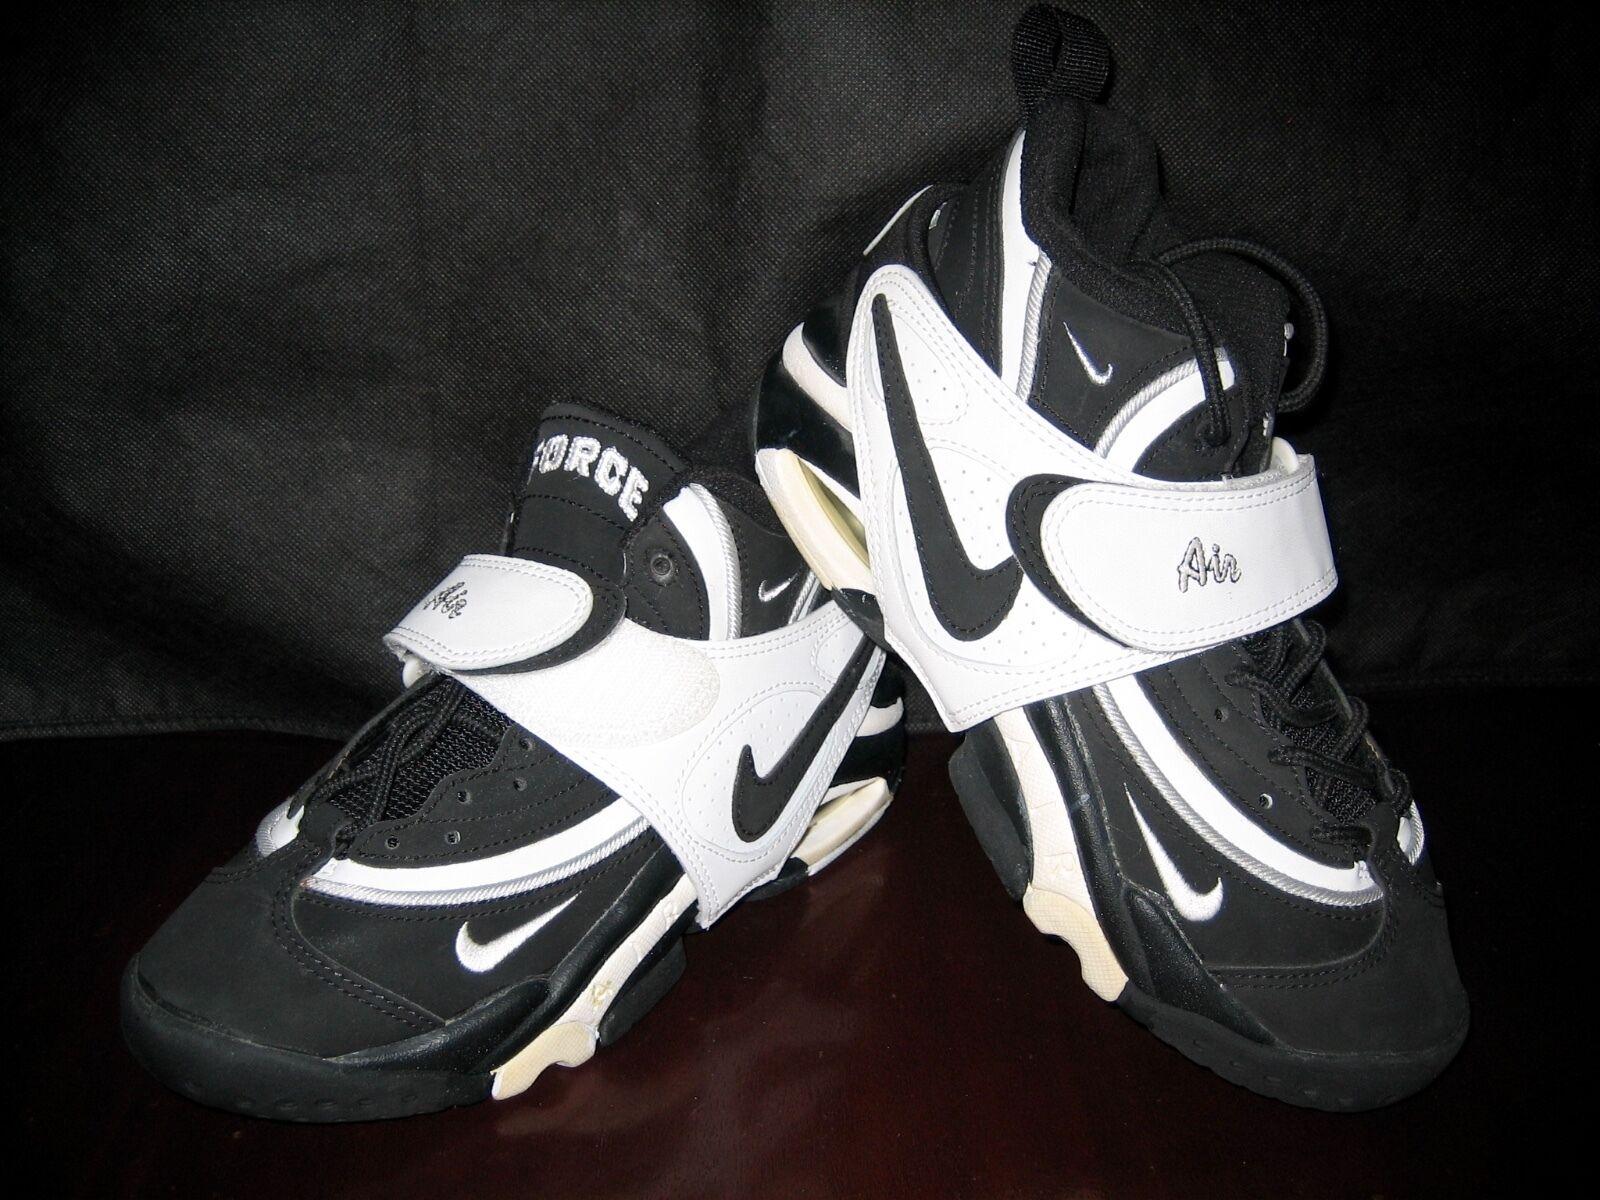 Nike Air College Force BG '96 USA 5Y NIB NOS vintage ORIGINAL sneakers jordan